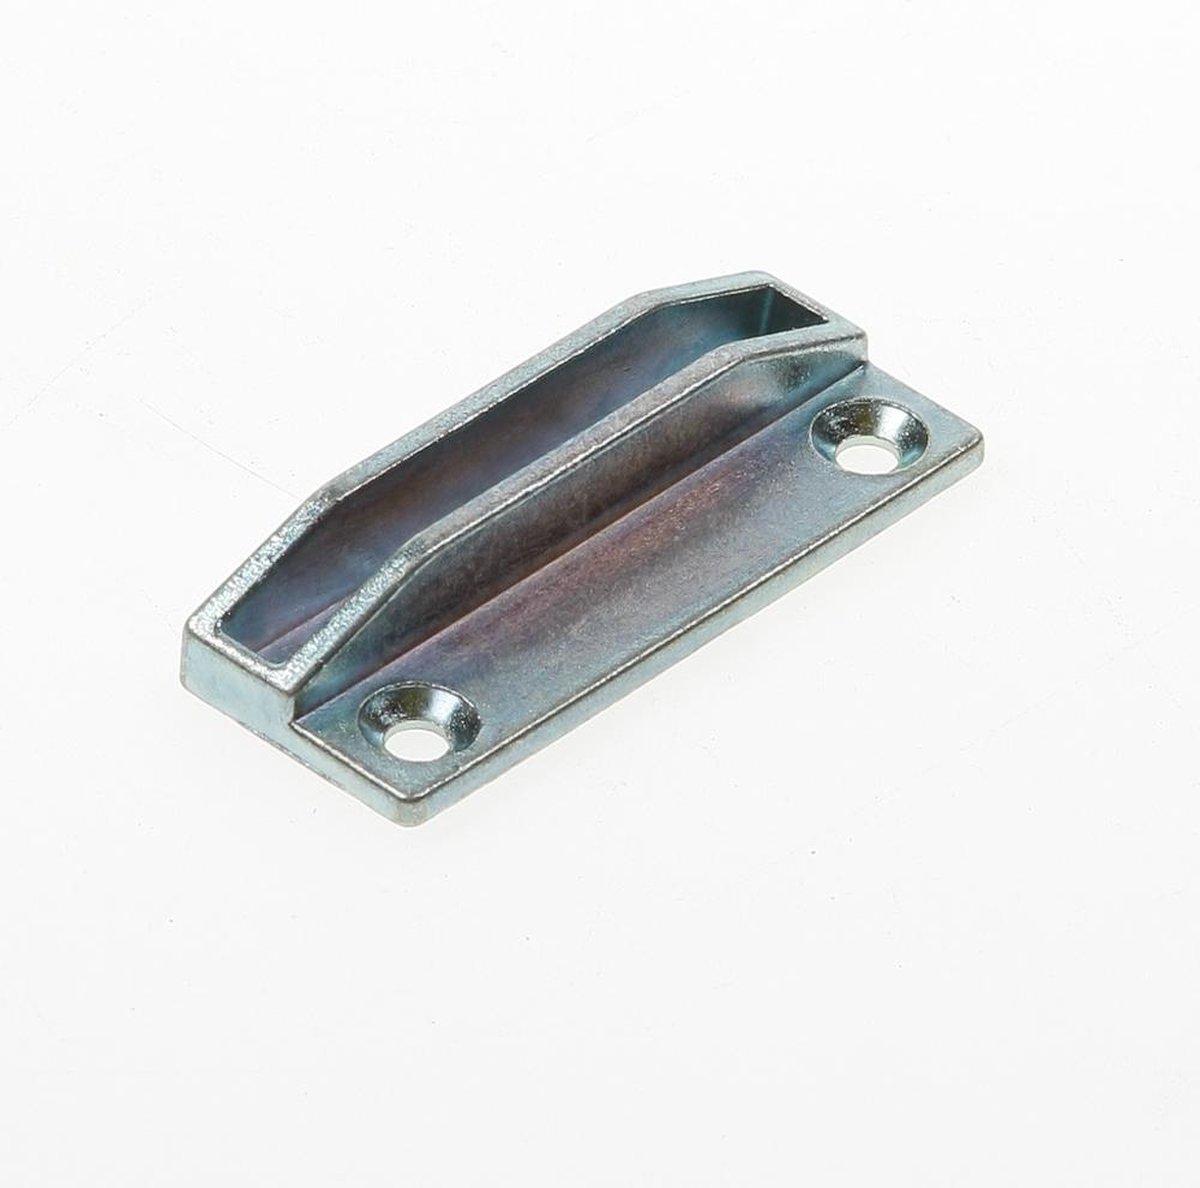 Dulimex RBP 6525B Raamboomplaatje / universeel / 65x25 mm / zamac / verzinkt